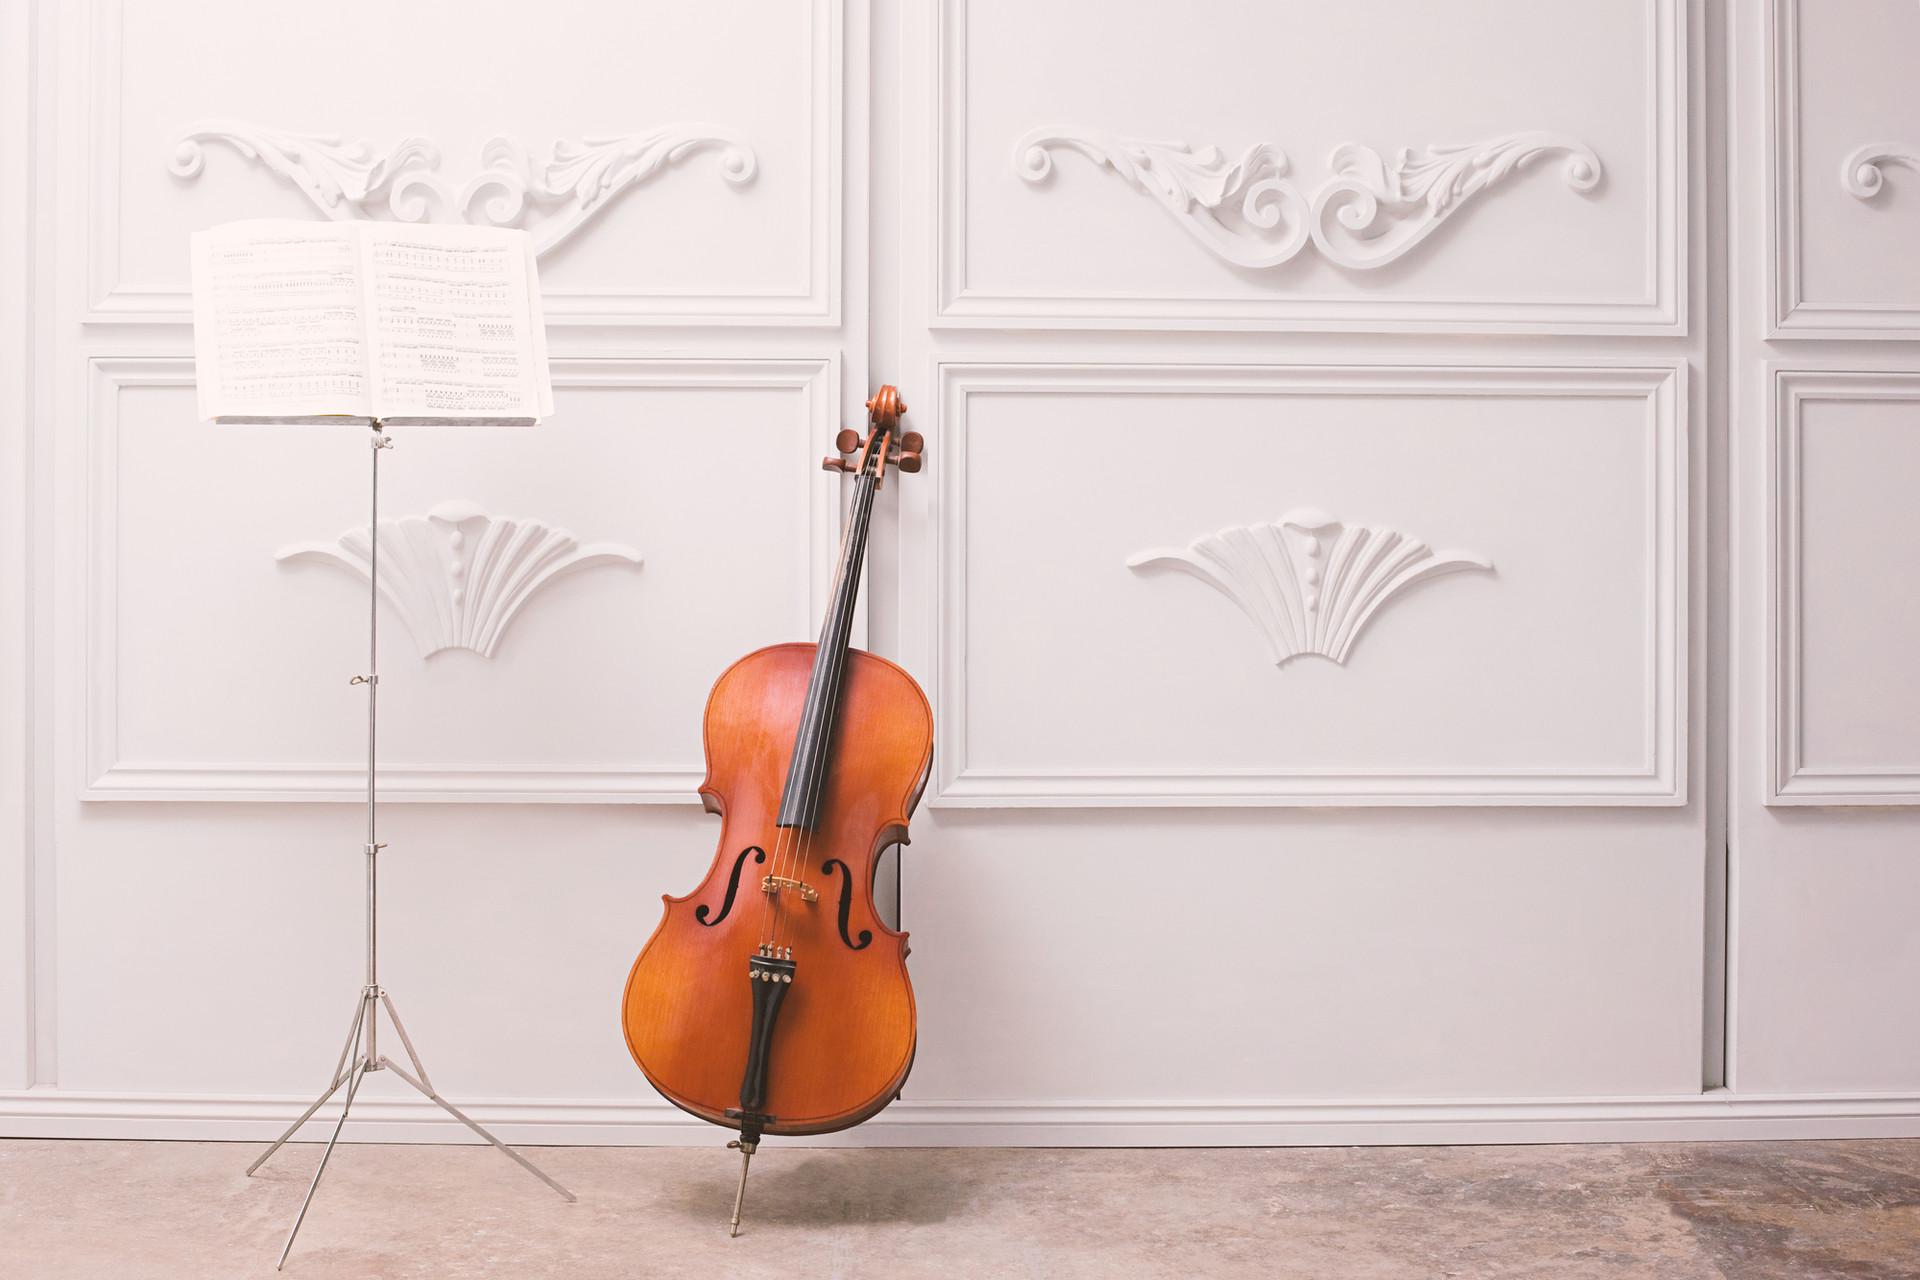 Cello Lessons in Sauganash IL